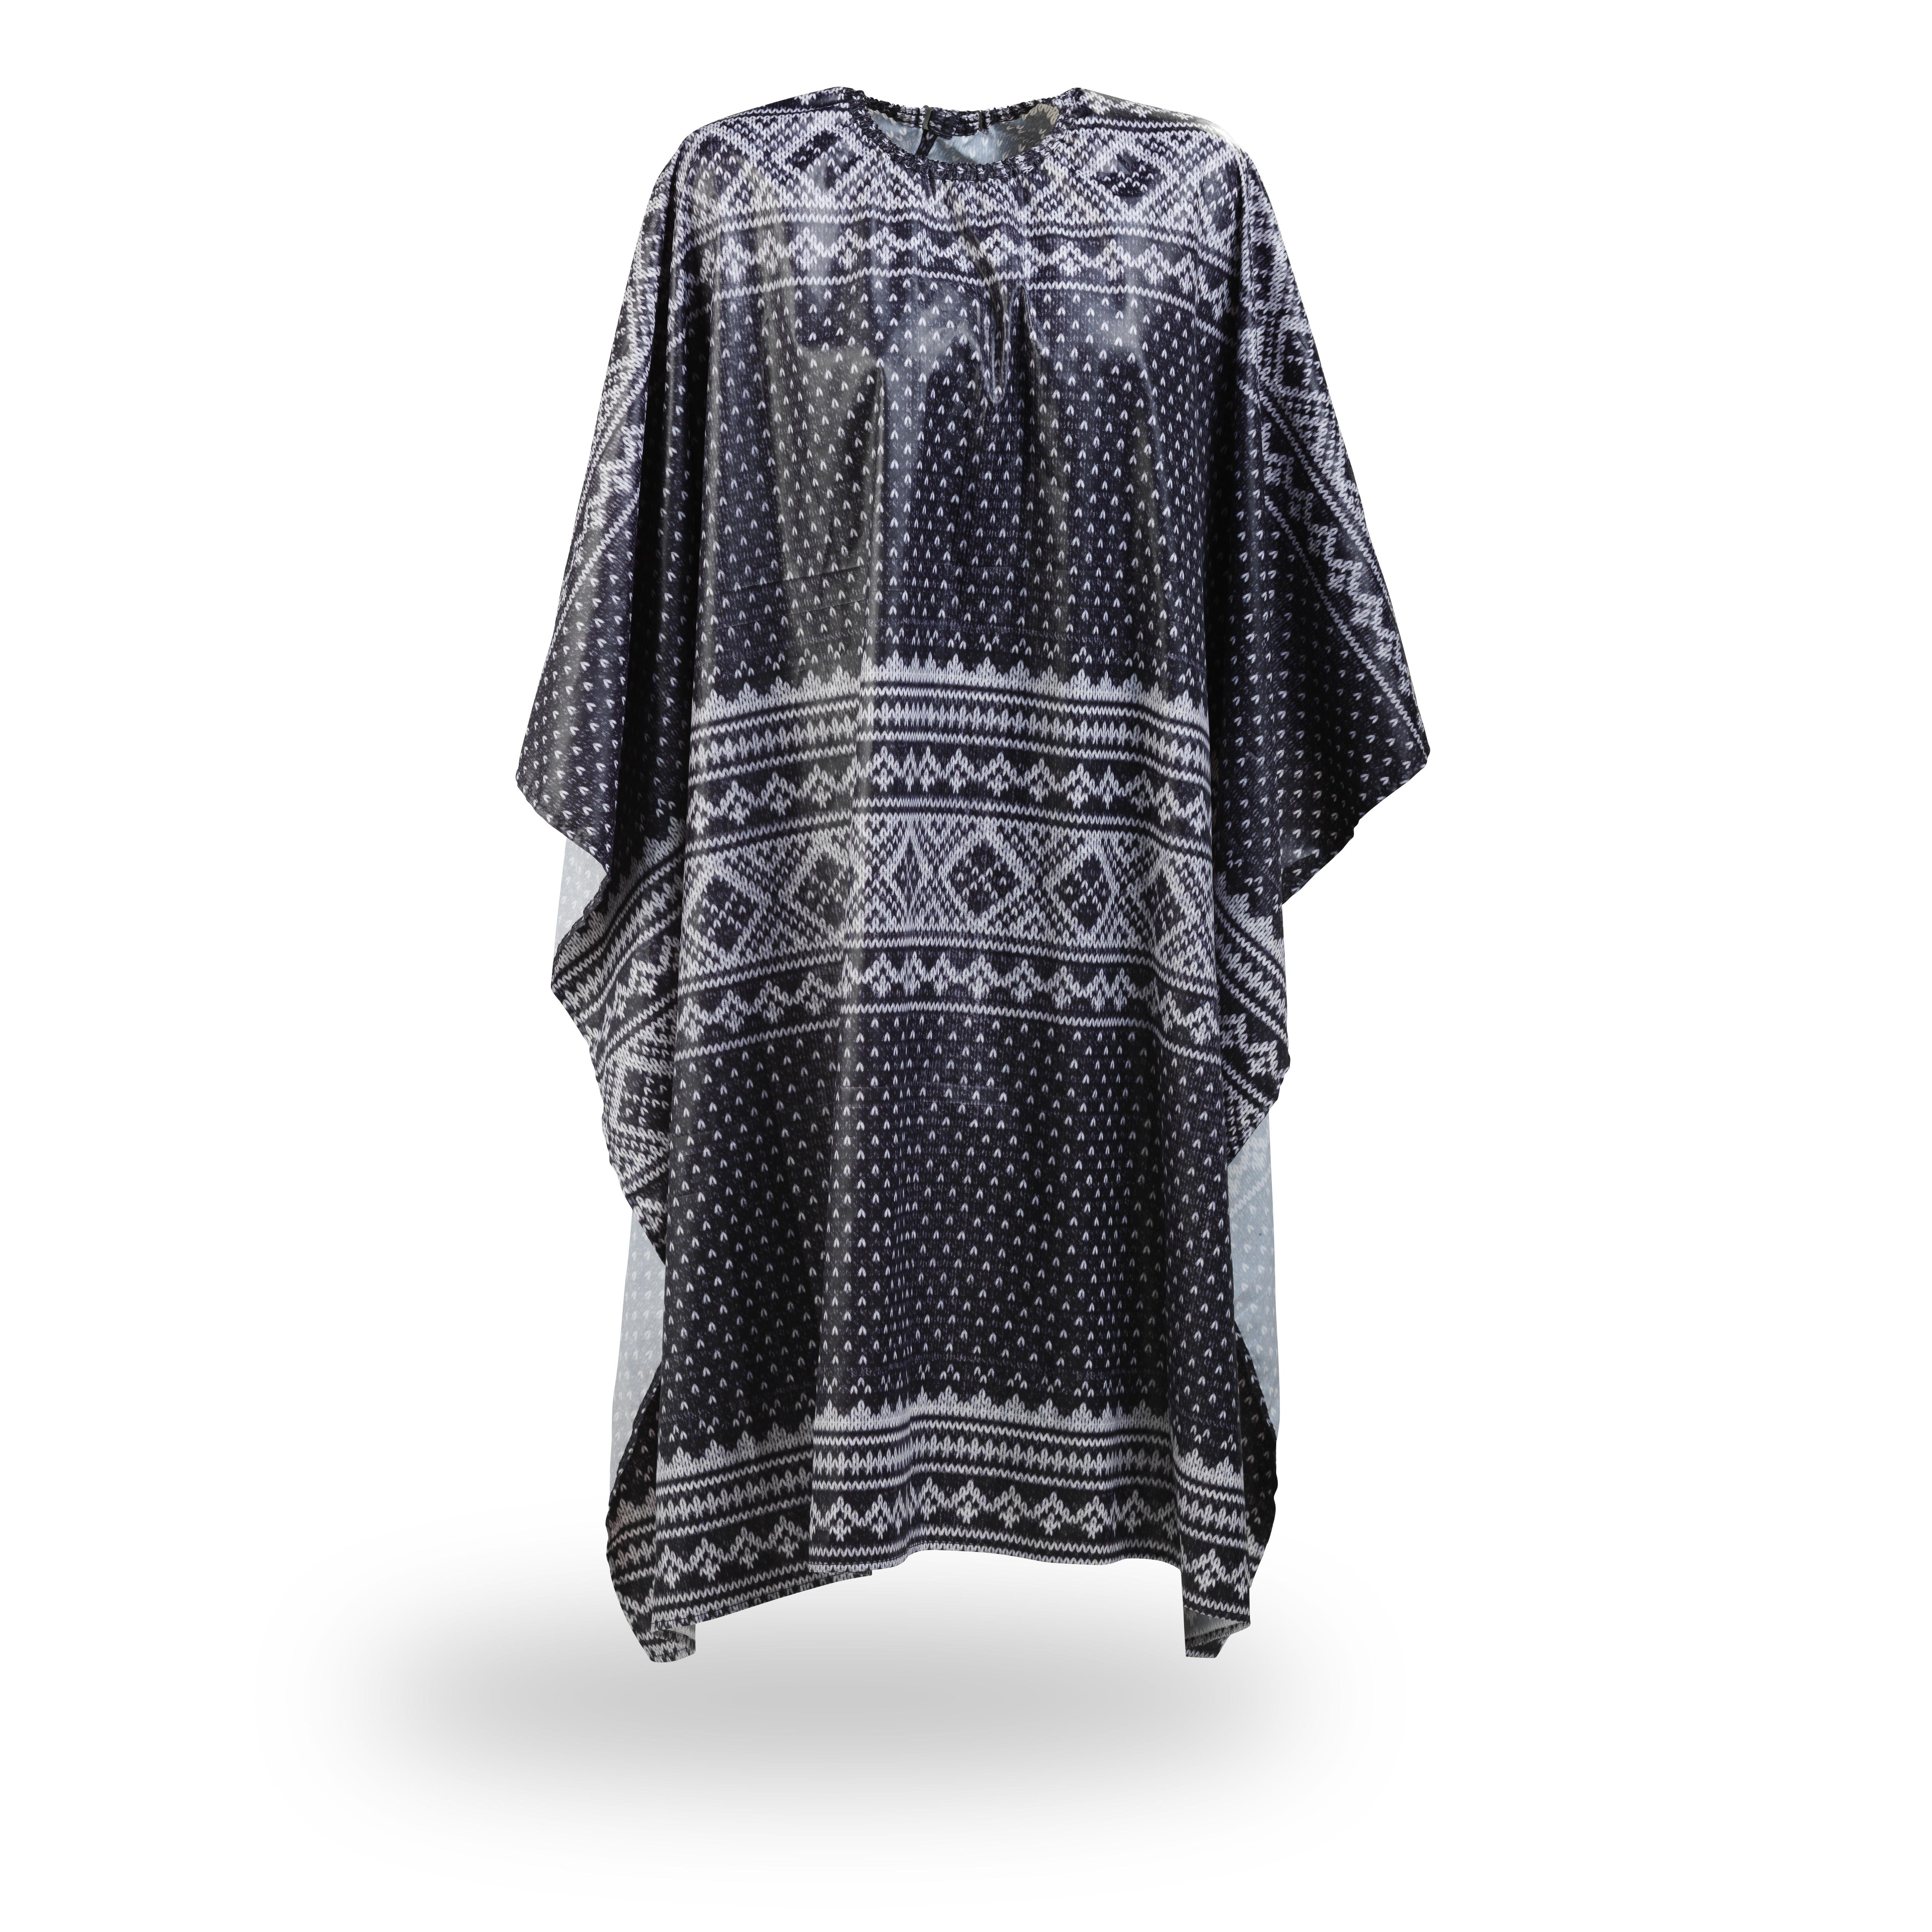 Sweater cape 5420 - kadernícka pláštenka na strihanie, farbenie, na háčik